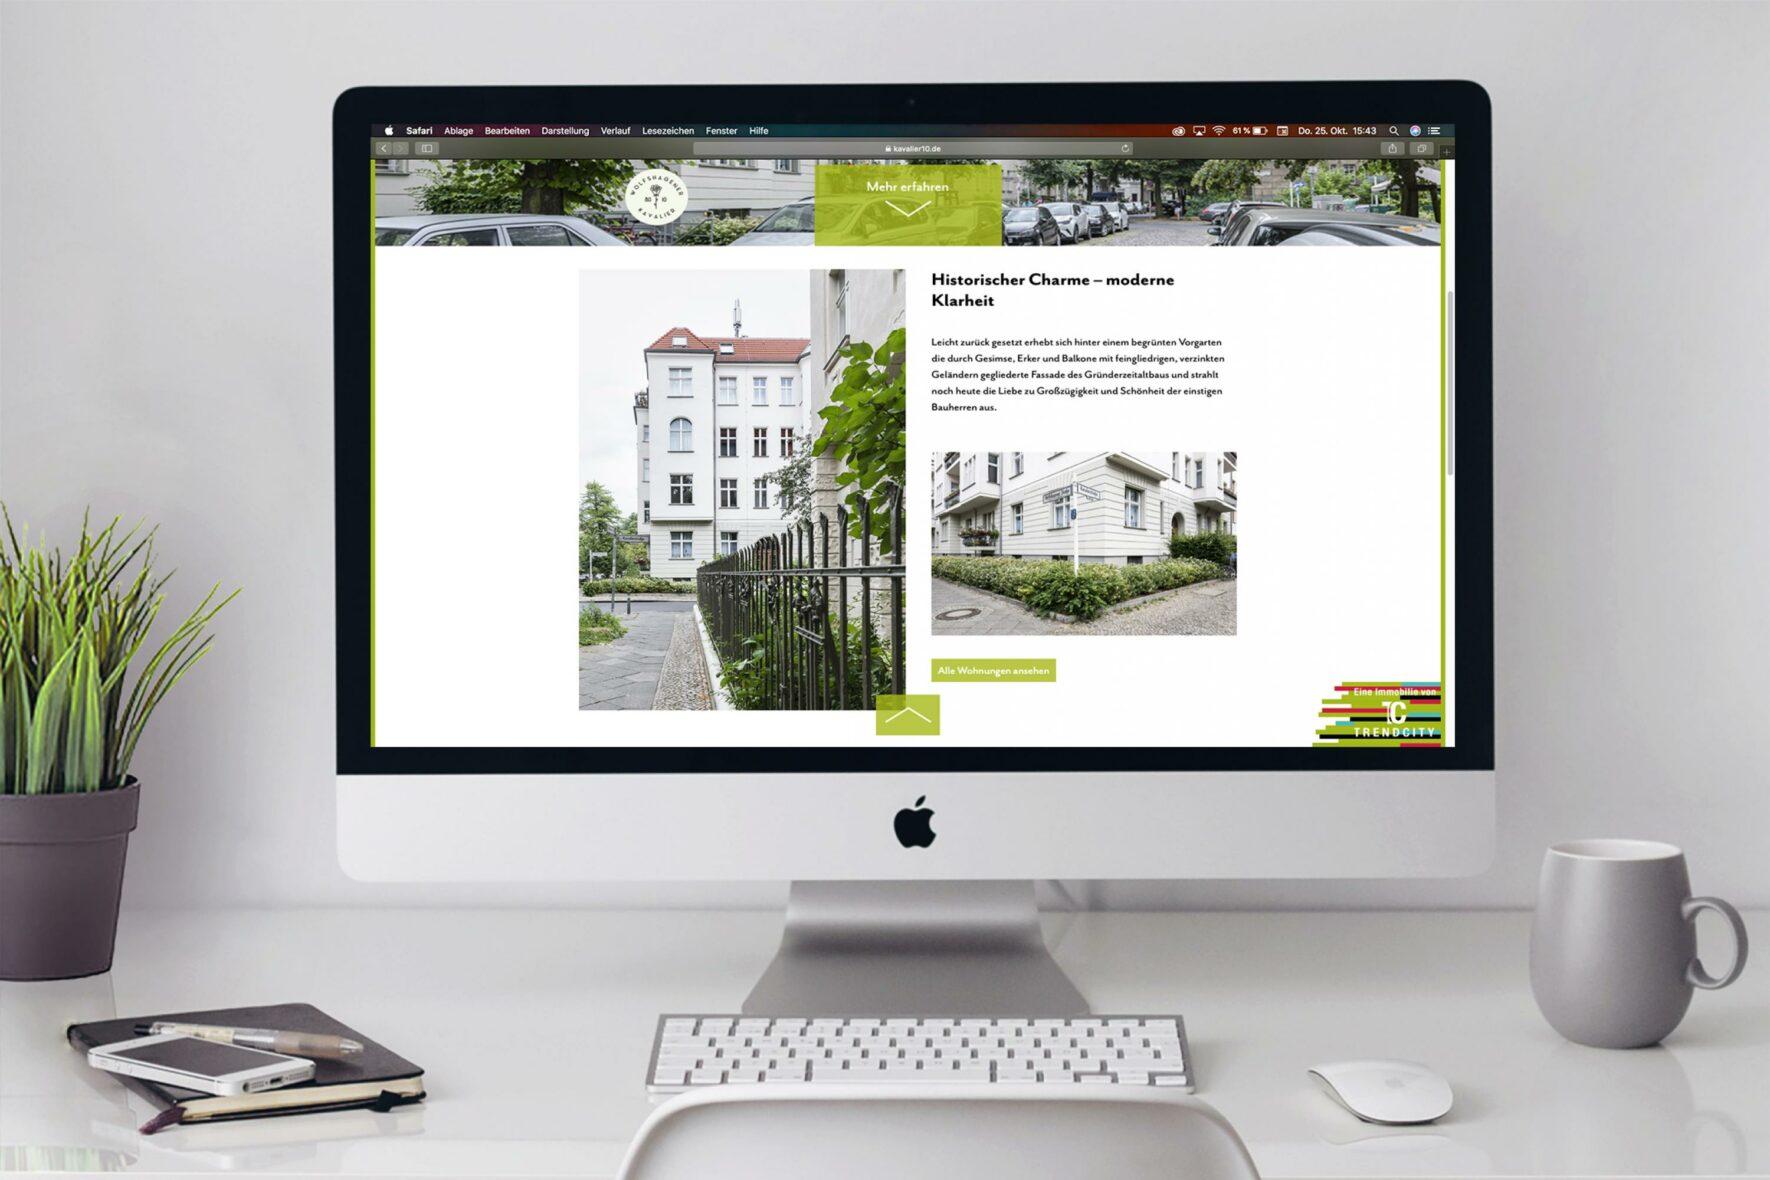 Webiste-Objekte-Branding-Trendcity-Immobilien-Kavalierstrasse-Corporat-Design-2 Kopie